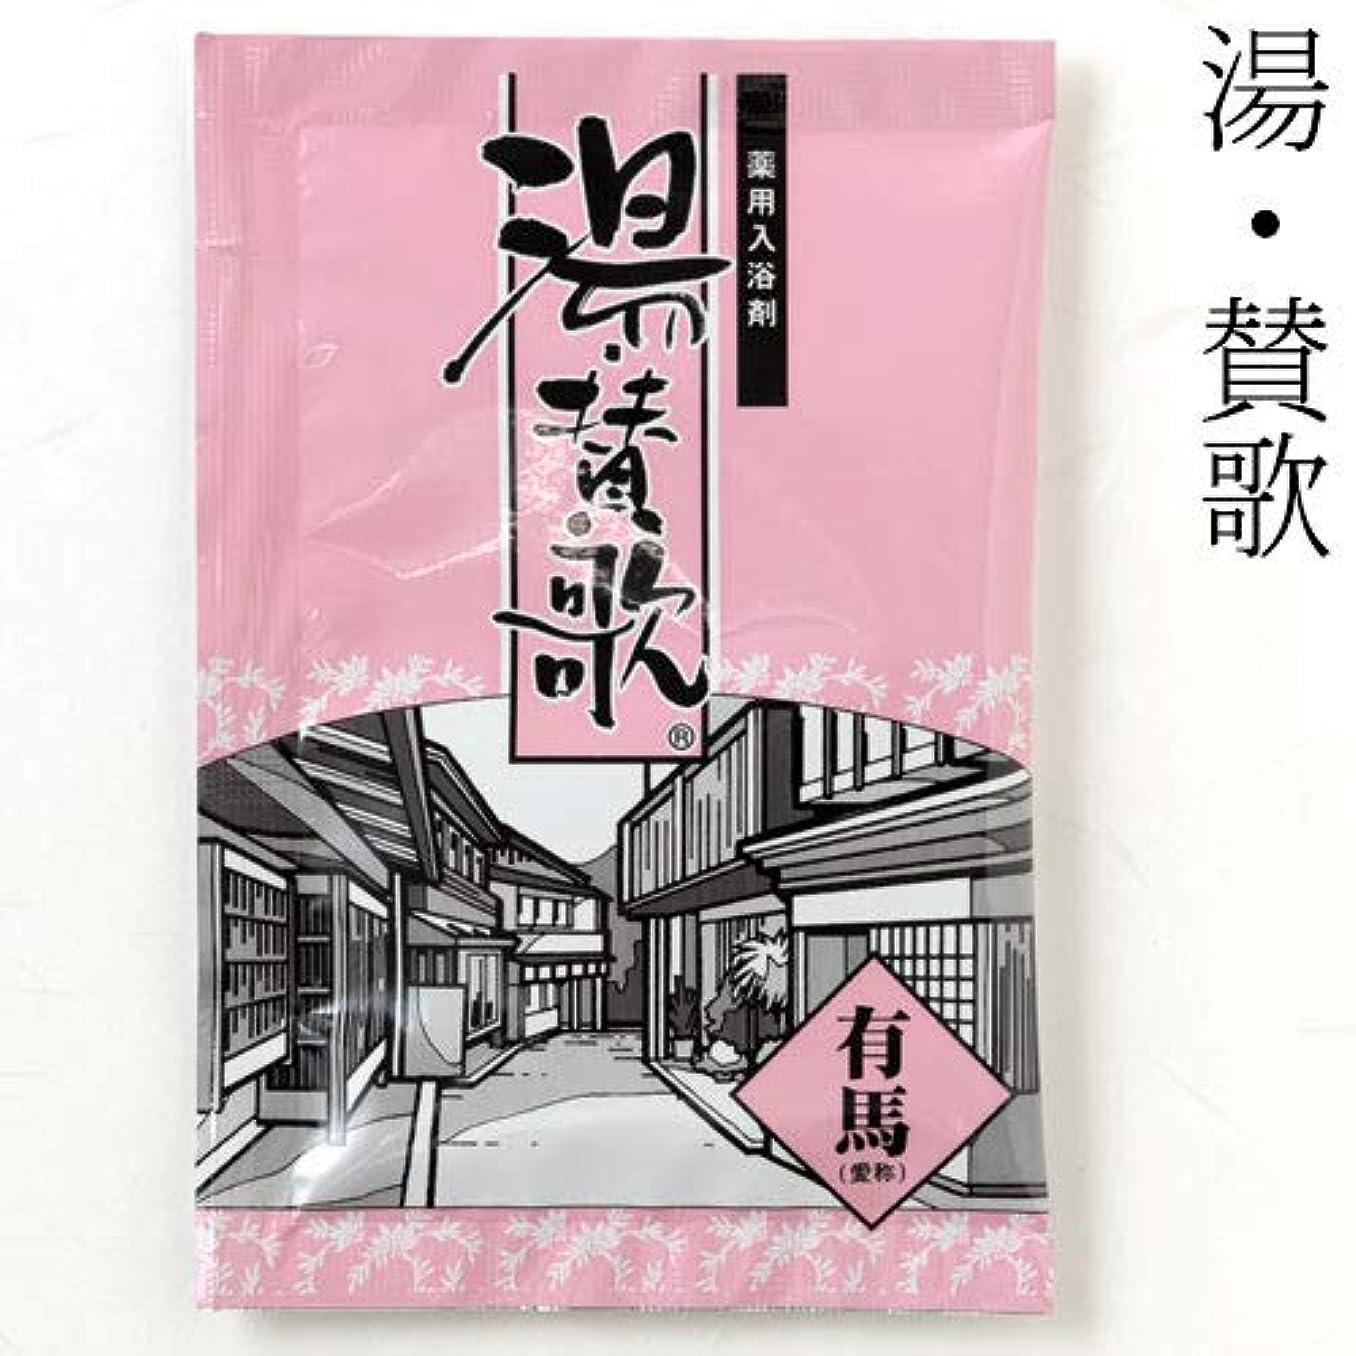 それる旧正月重力入浴剤湯?賛歌有馬1包石川県のお風呂グッズBath additive, Ishikawa craft